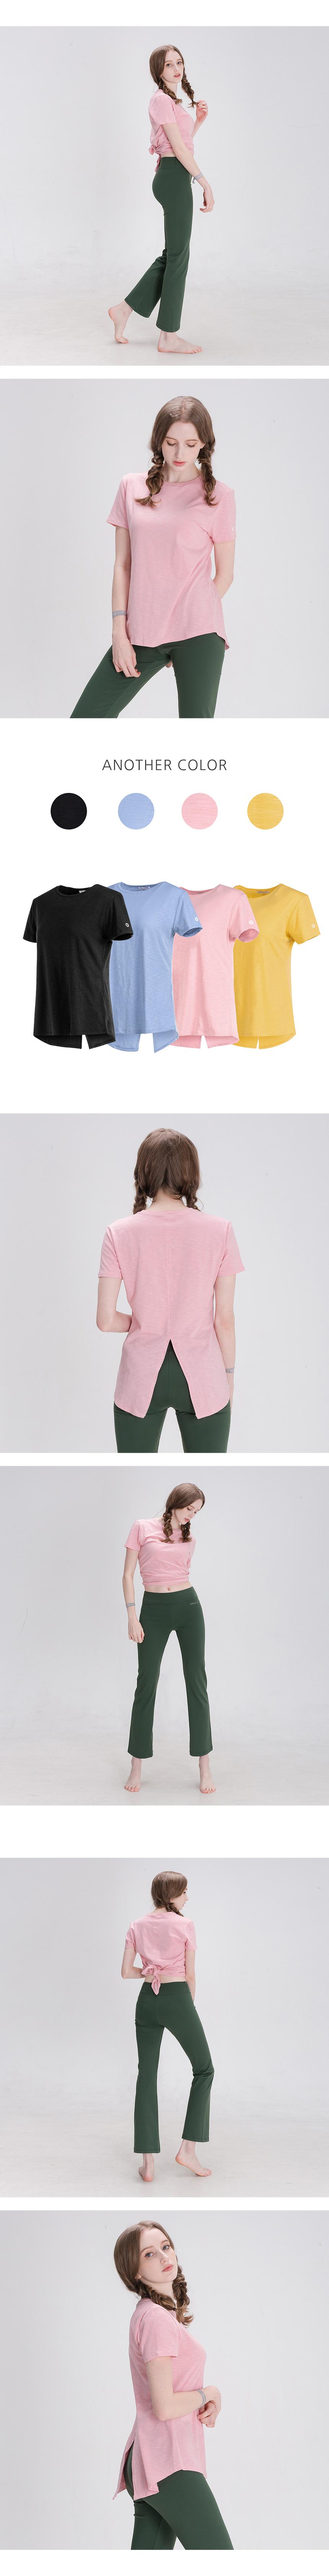 뒤란(DURAN) 모달 백슬릿 티셔츠 DFW5026 핑크